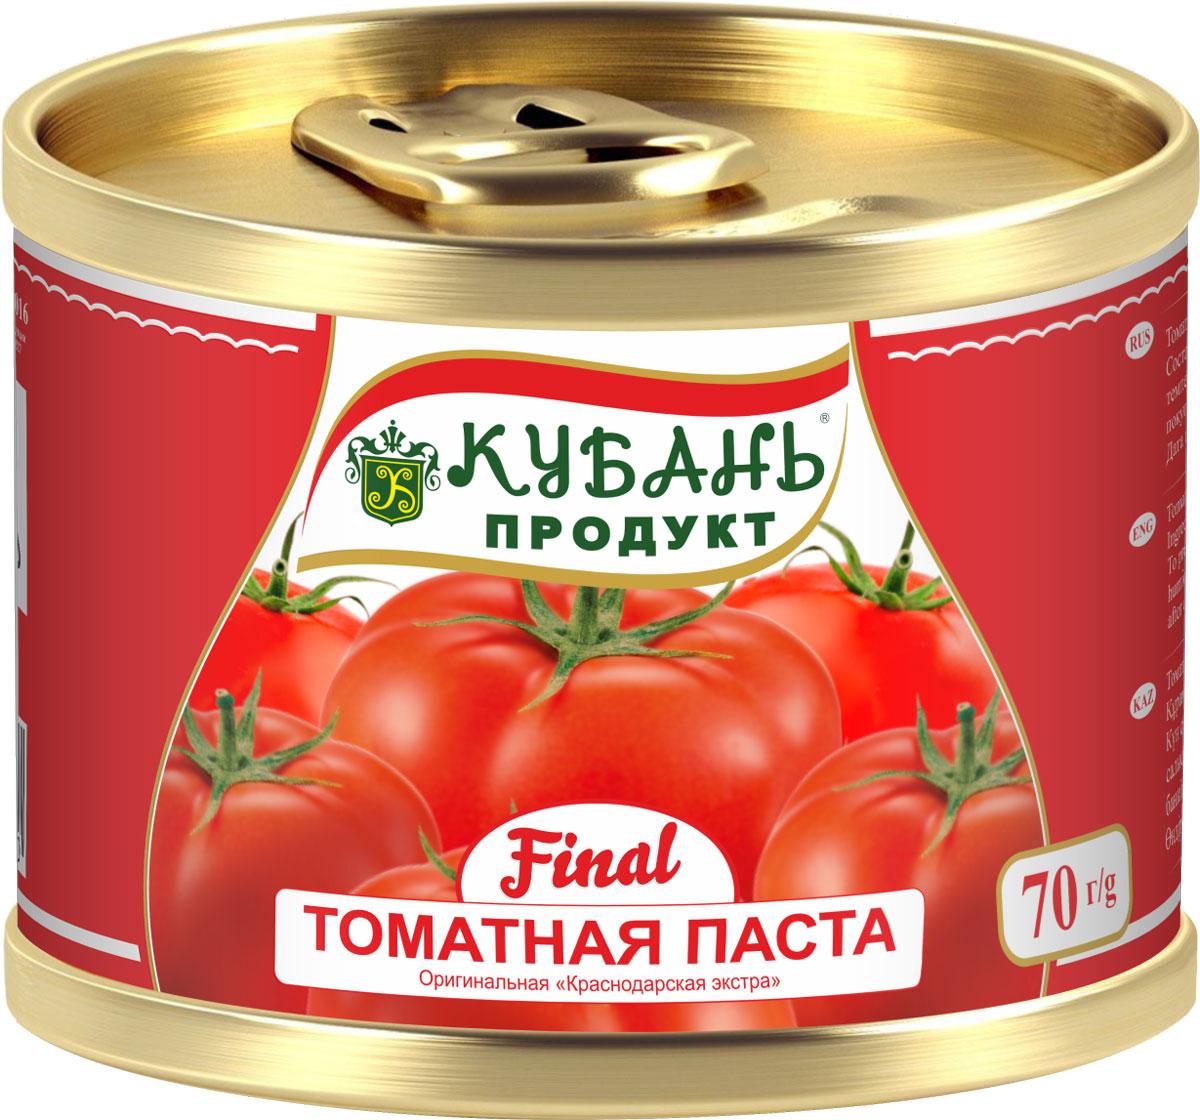 Кубань Продукт паста томатная, 70 г0120710Томатная паста Кубань Продукт приготовлена только из отборных Российских томатов. Очень густая, с насыщенным цветом и ароматом свежих томатов.